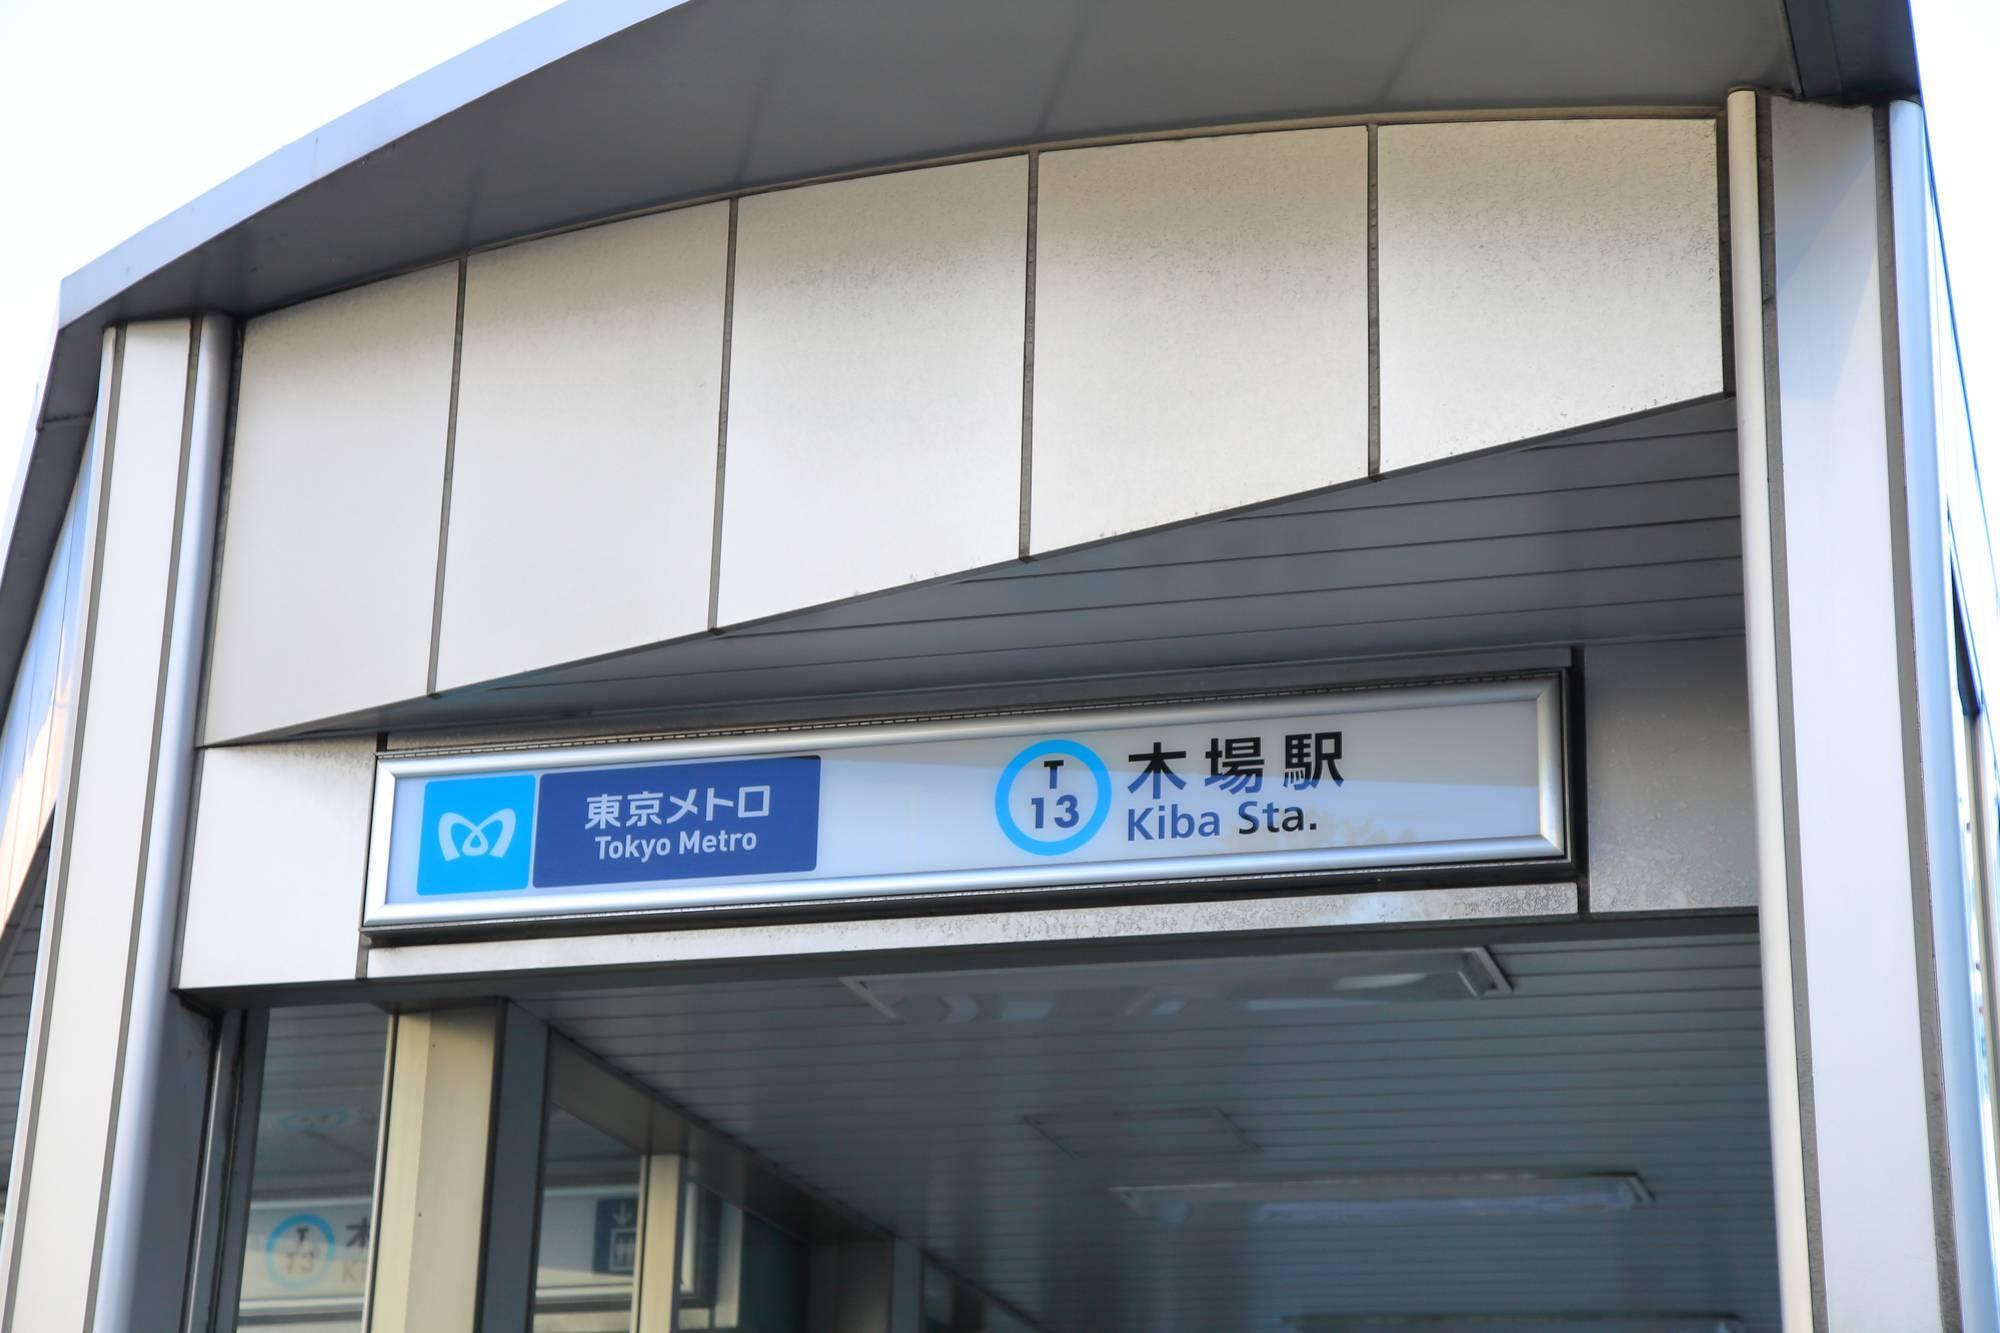 歯医者さん選びで迷っている方へ!おすすめポイント紹介~木場駅編~